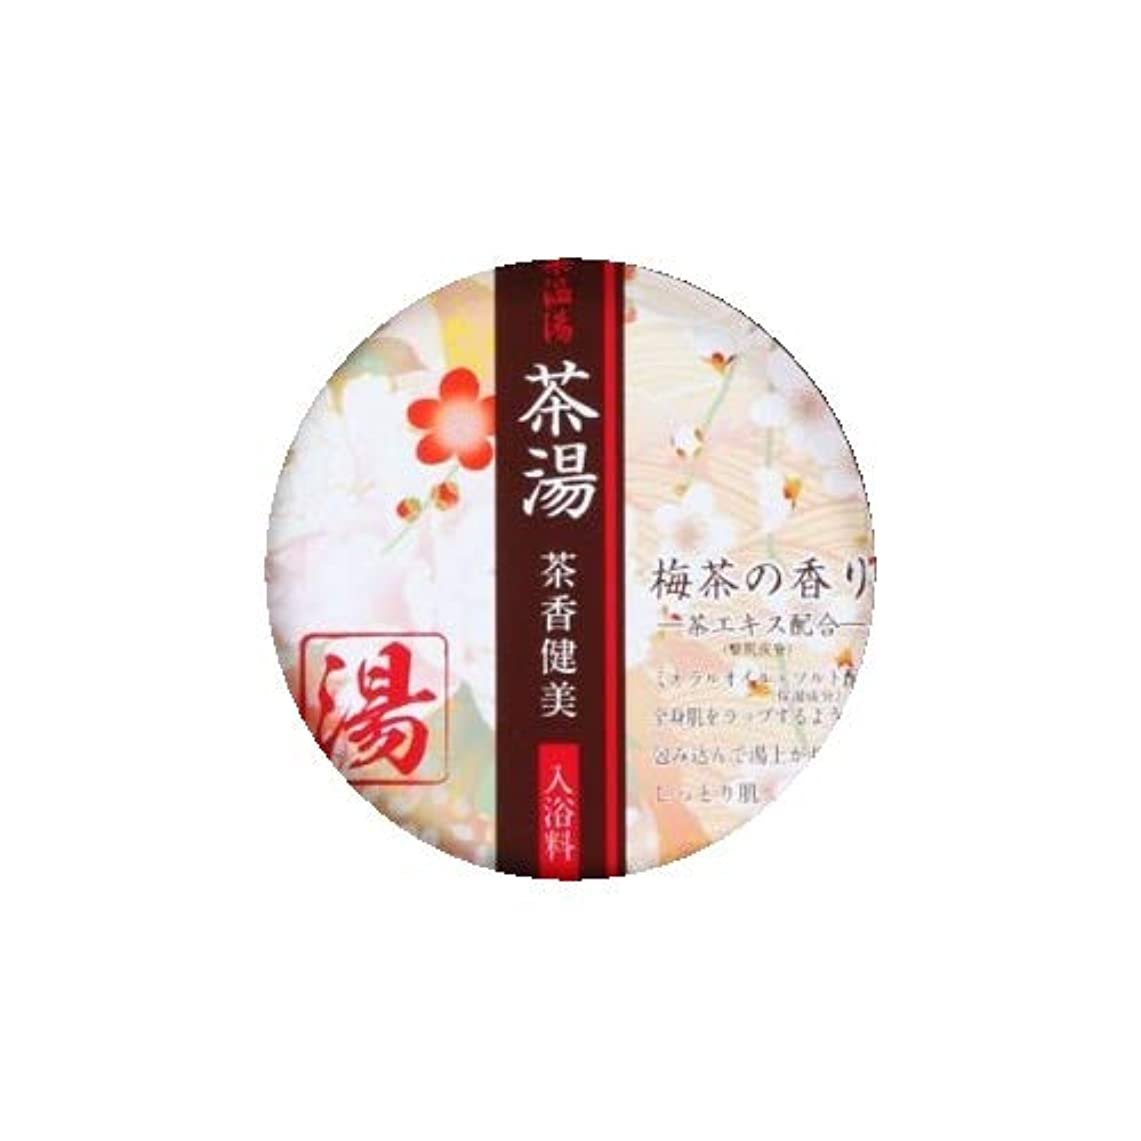 小競り合いカップ血色の良い薬温湯 茶湯 入浴料 梅茶の香り POF-10U